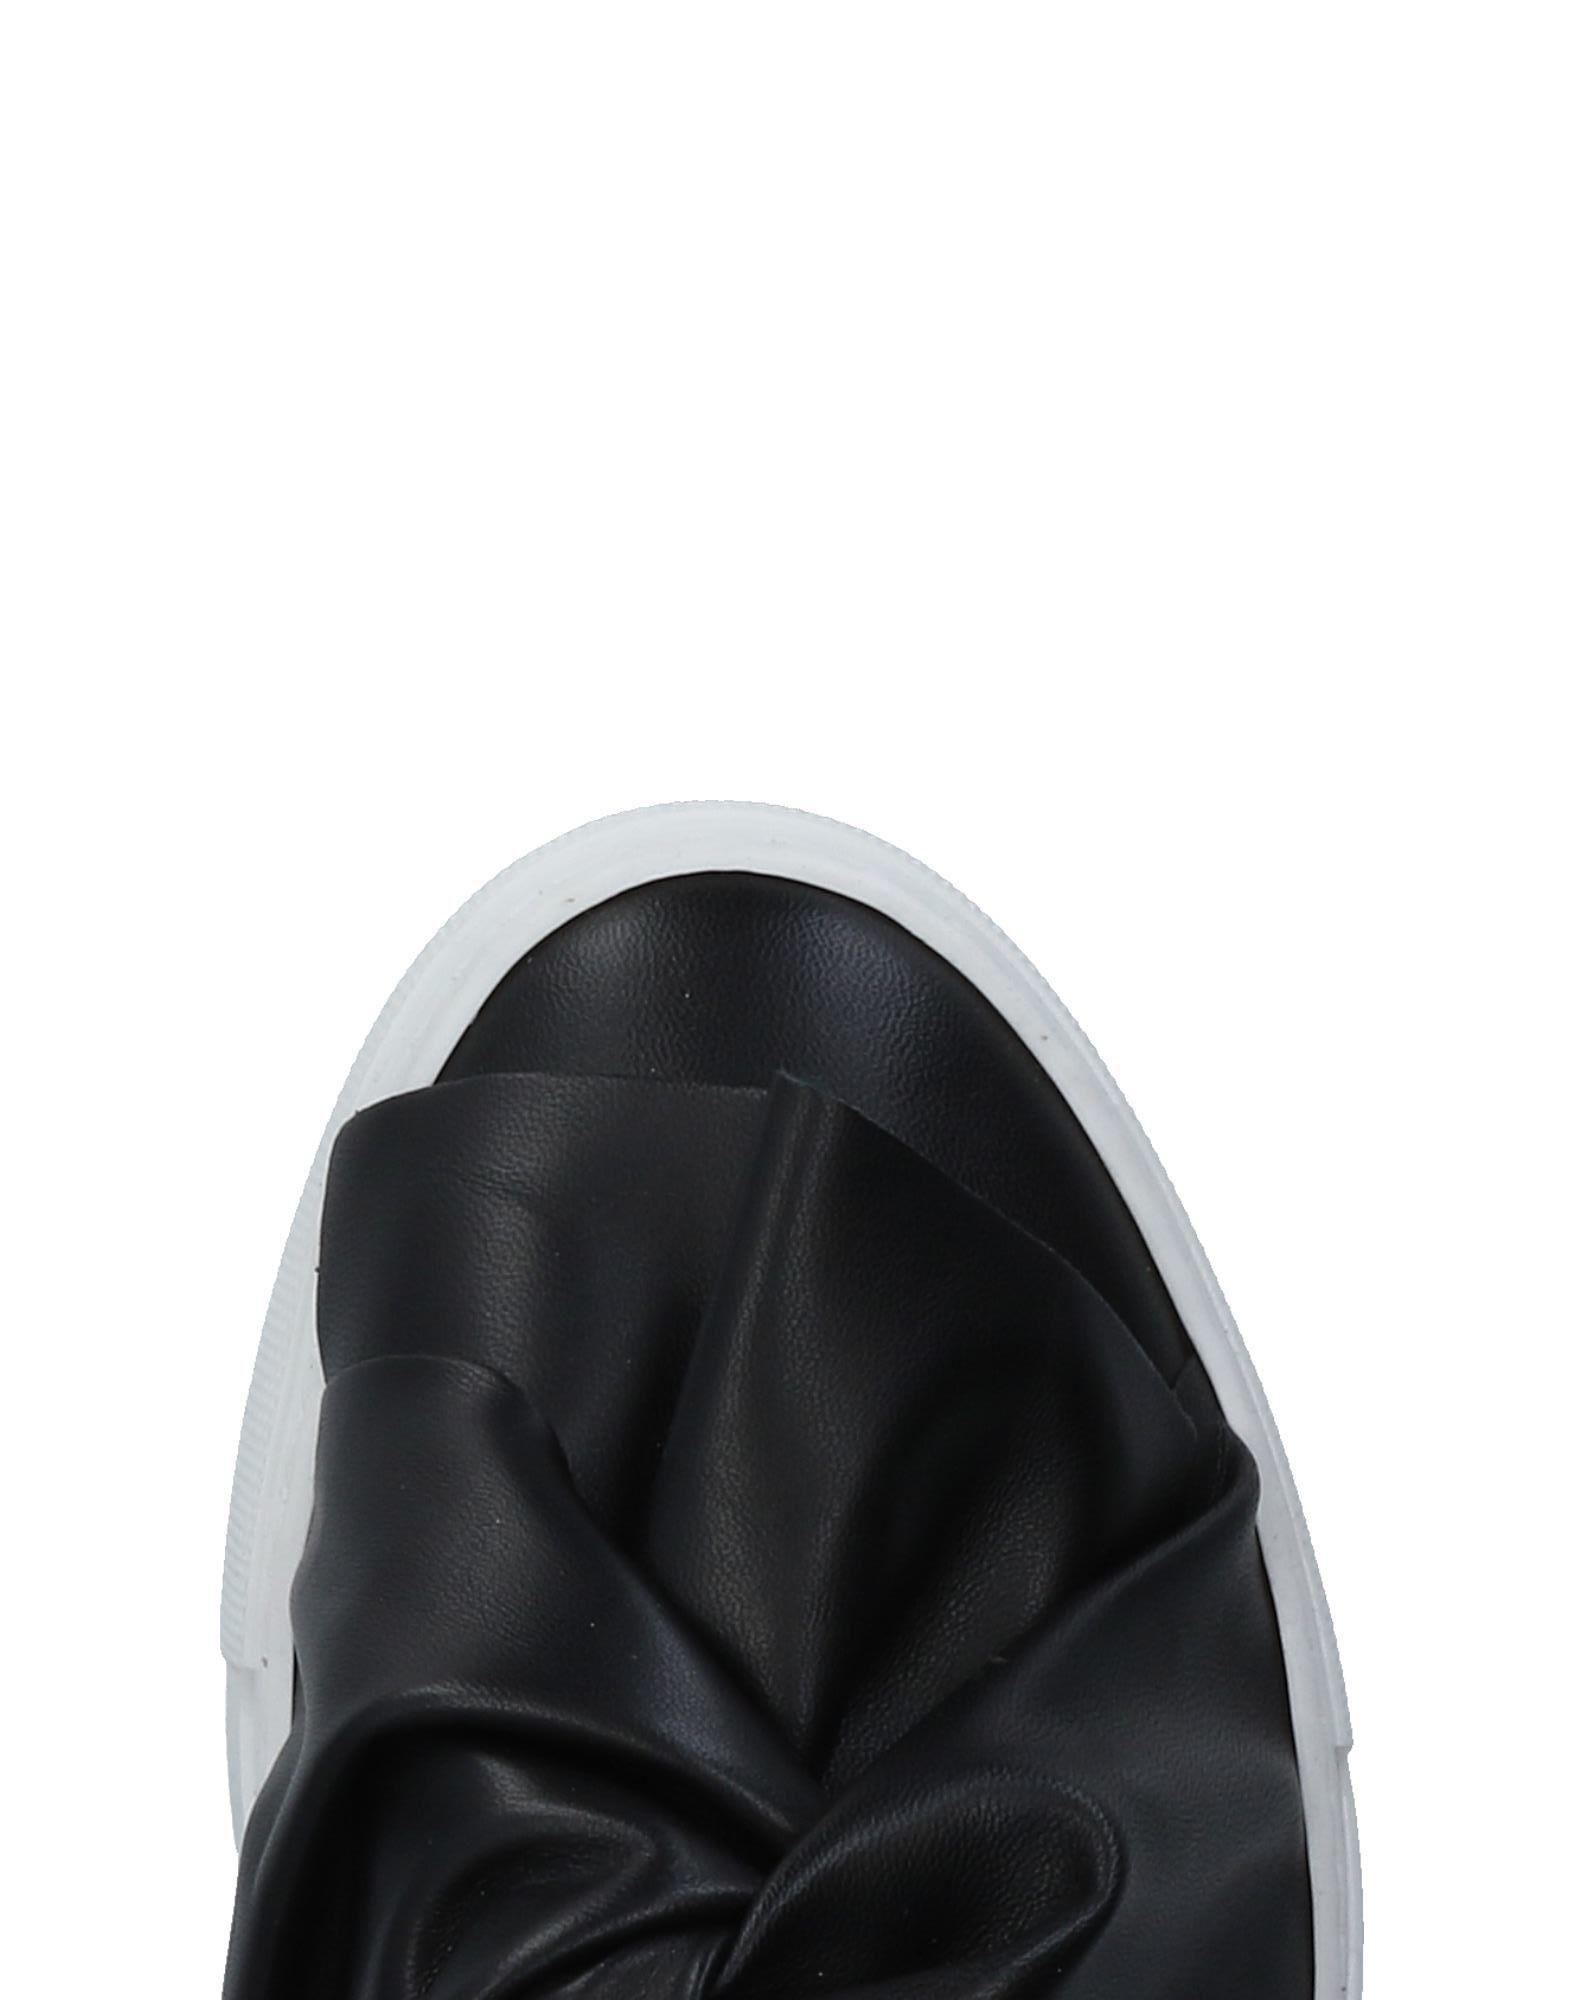 Unlace Sneakers Damen  11471297RI Gute Qualität beliebte Schuhe Schuhe beliebte 49724f